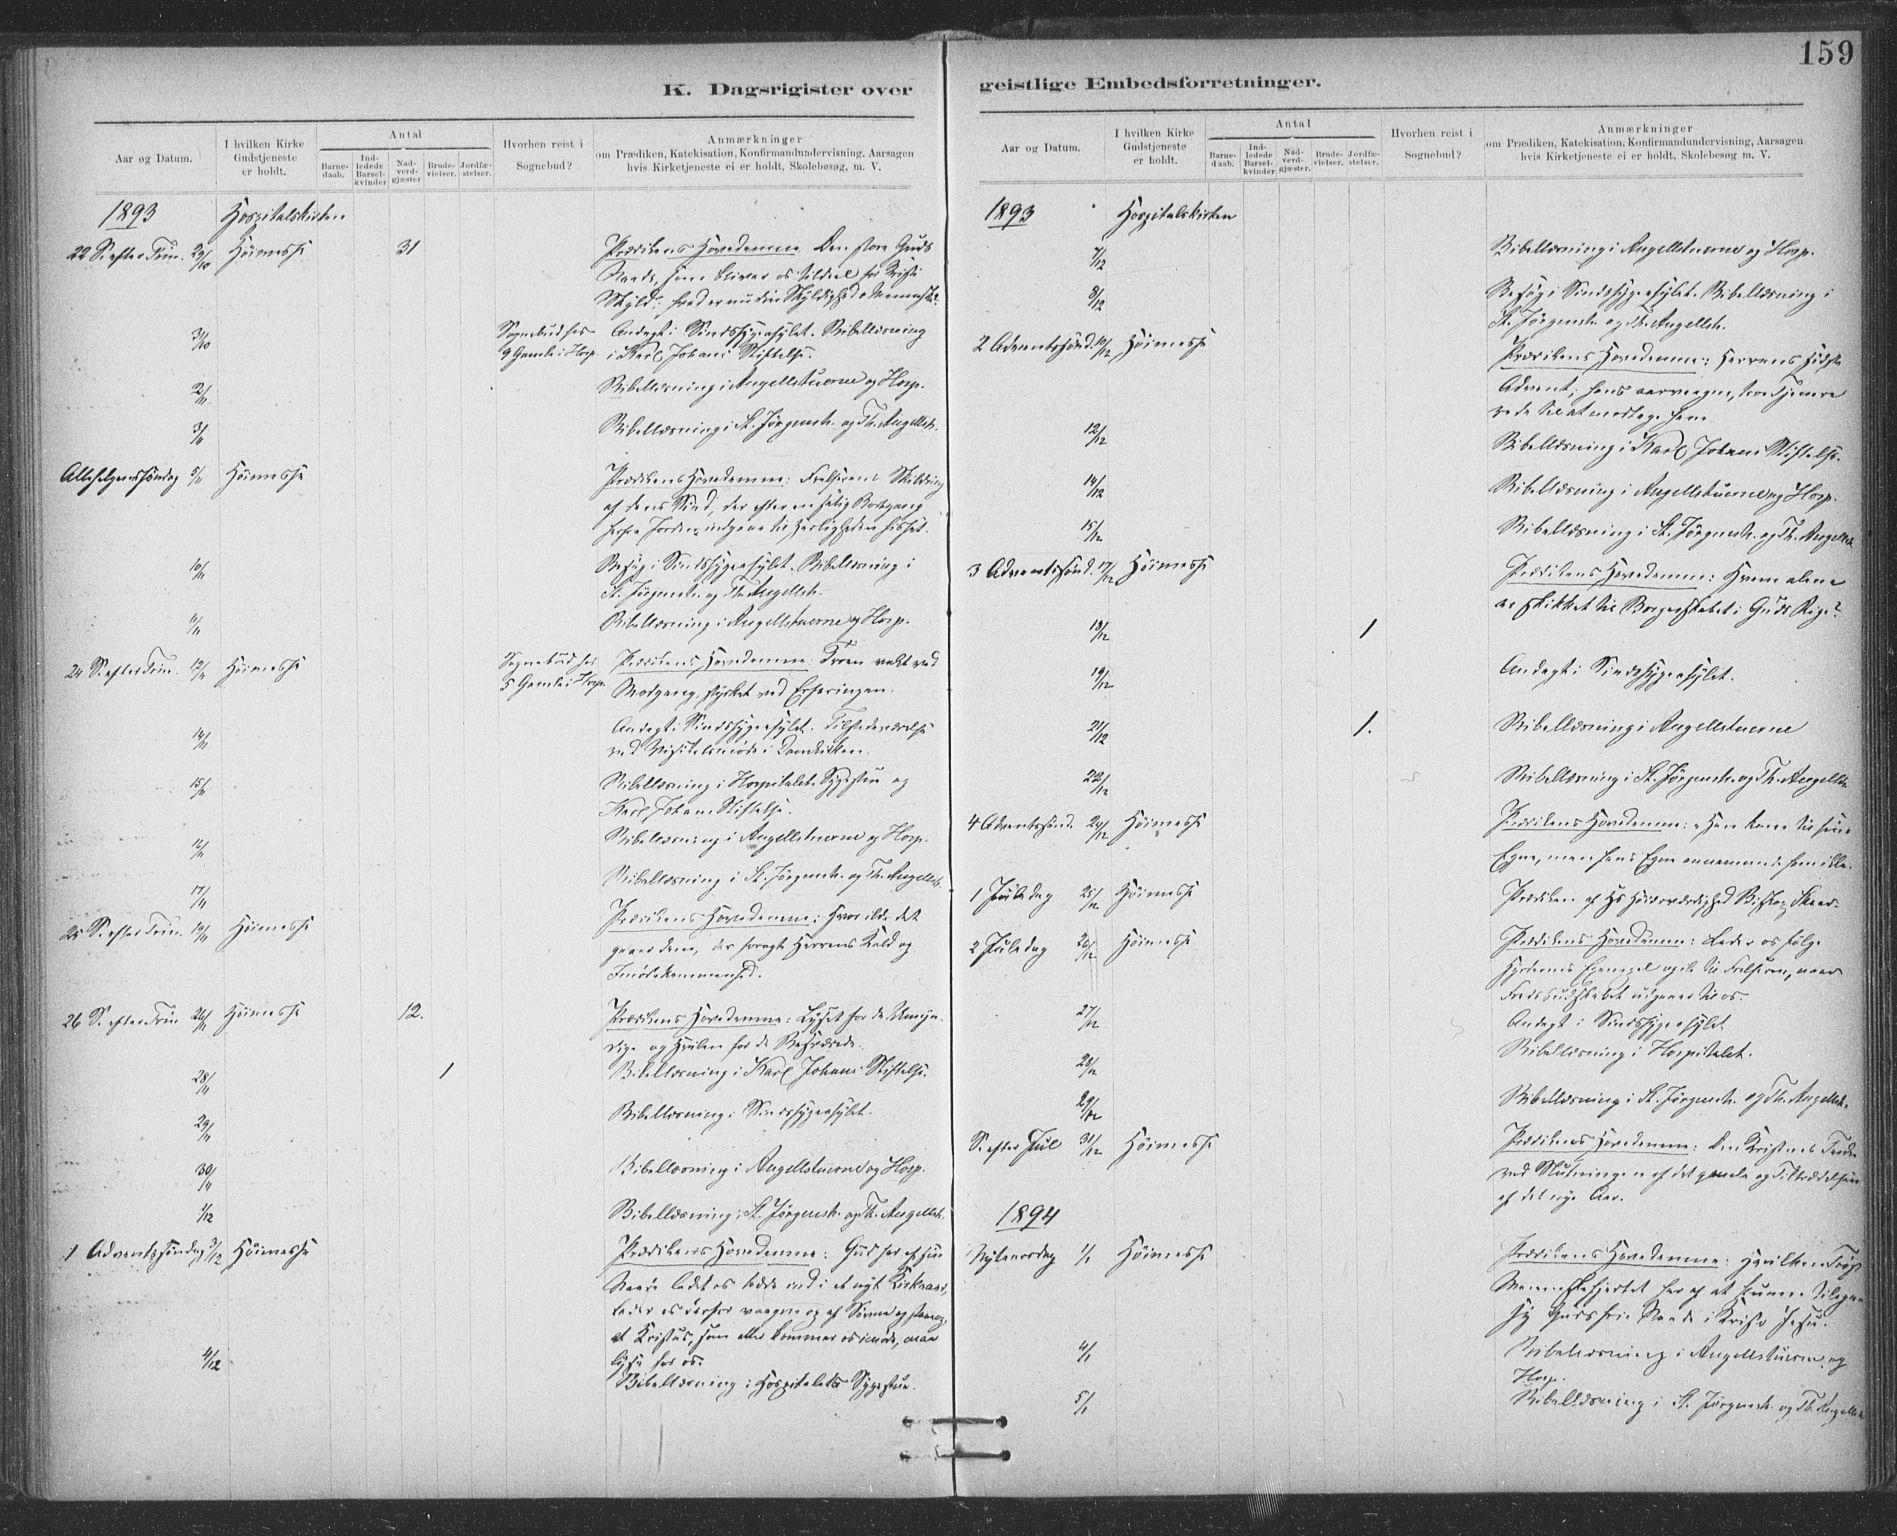 SAT, Ministerialprotokoller, klokkerbøker og fødselsregistre - Sør-Trøndelag, 623/L0470: Ministerialbok nr. 623A04, 1884-1938, s. 159